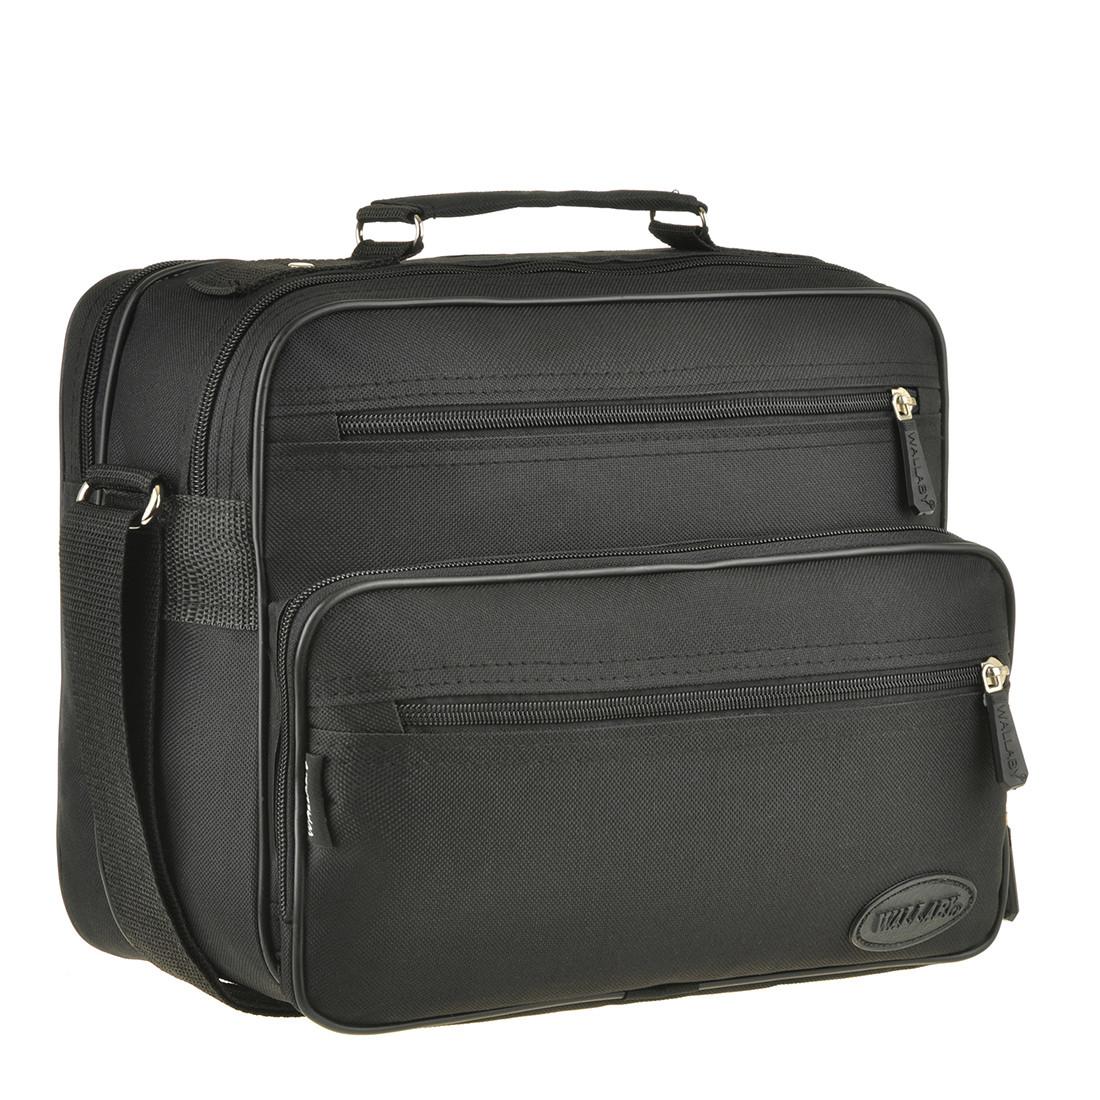 Мужская сумка Wallaby 26х24х16  ткань полиэстер    в 2410